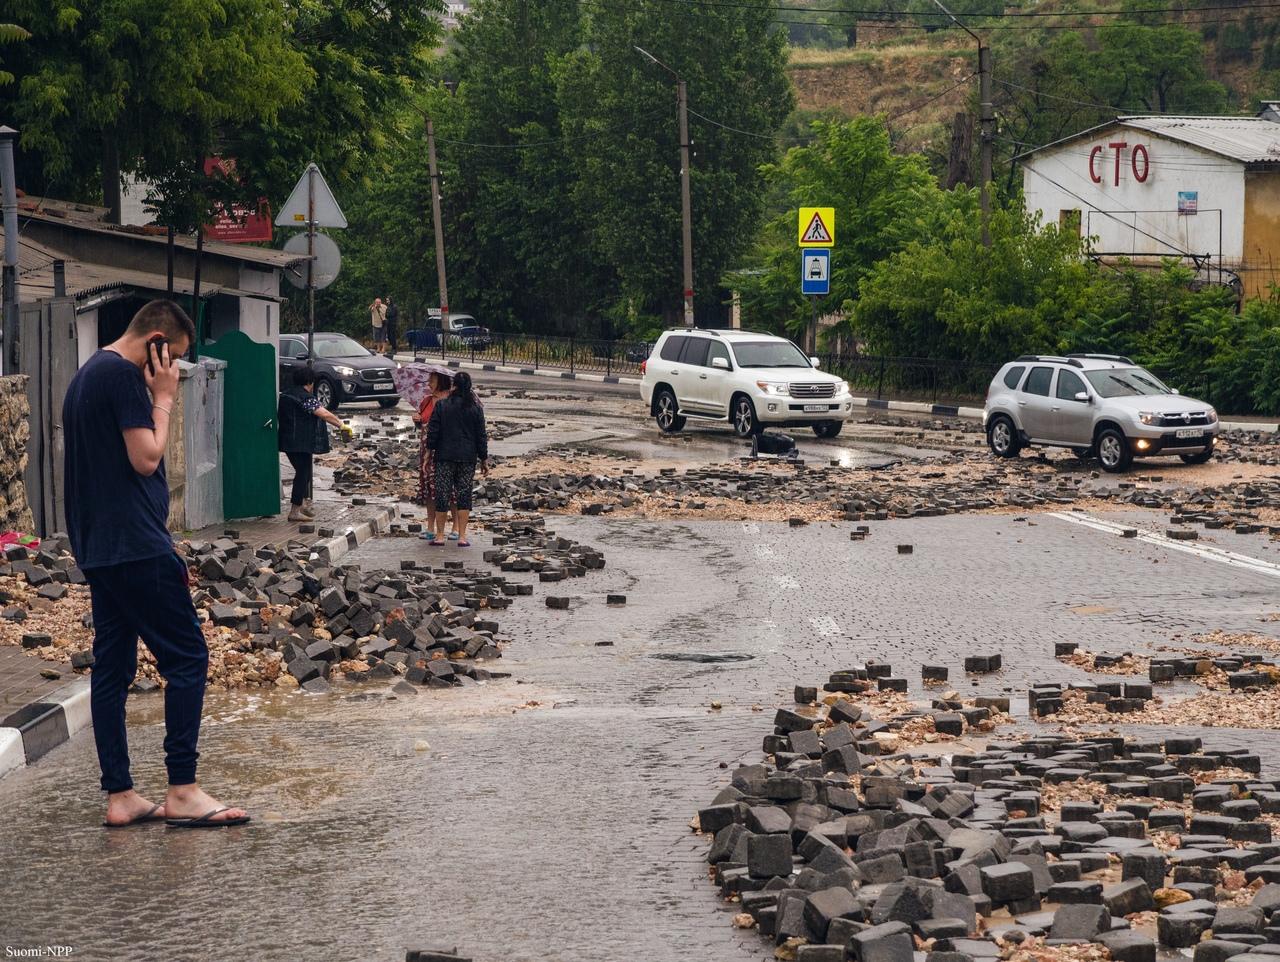 Севастопольским коммунальщикам дали два дня на очистку города от грязи и песка